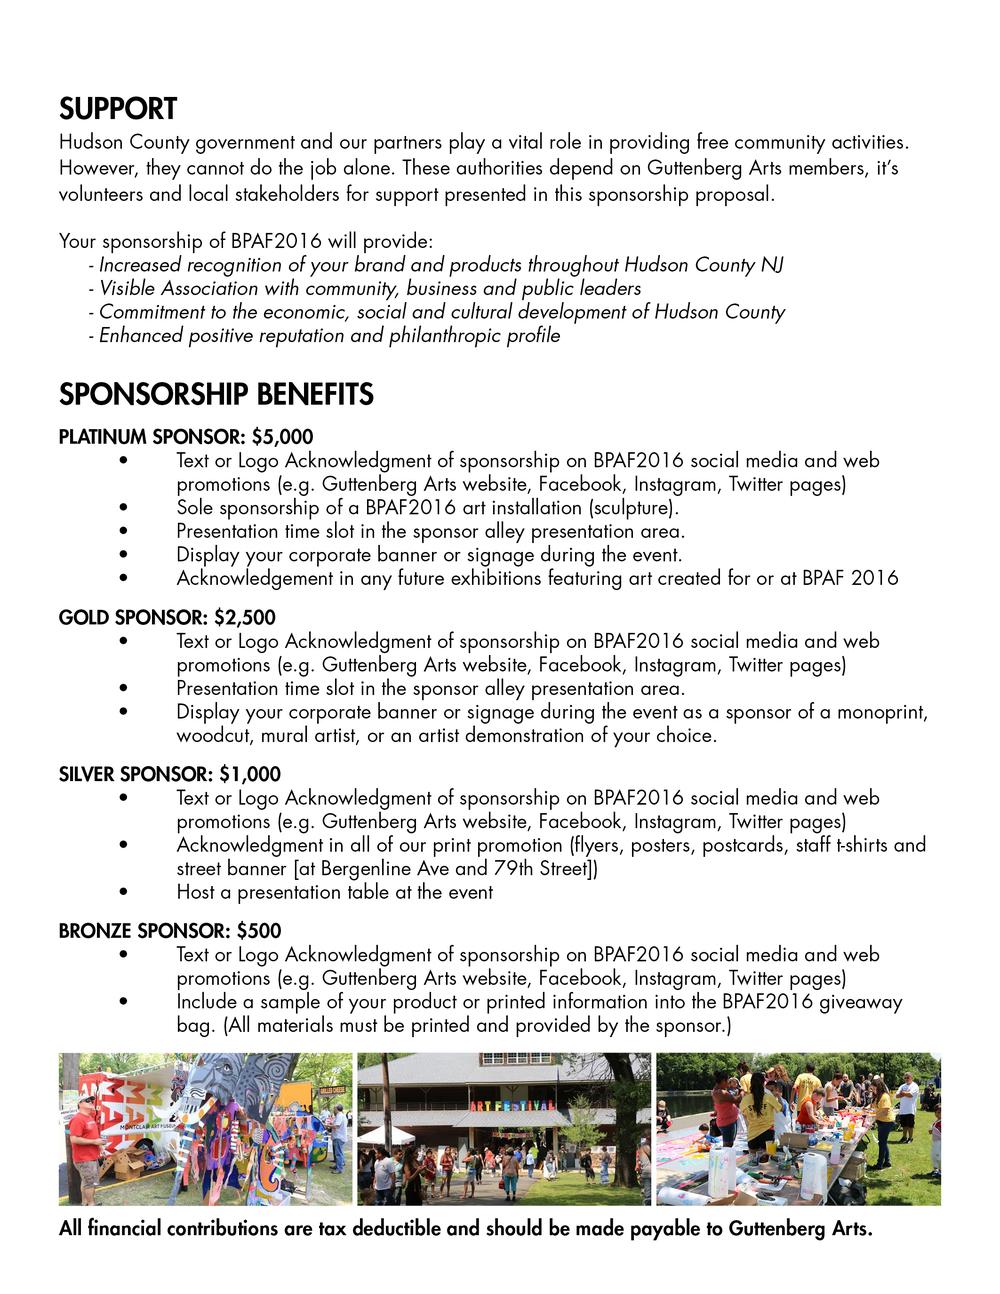 BPAF2016 Corporate Sponsorship Final8.jpg